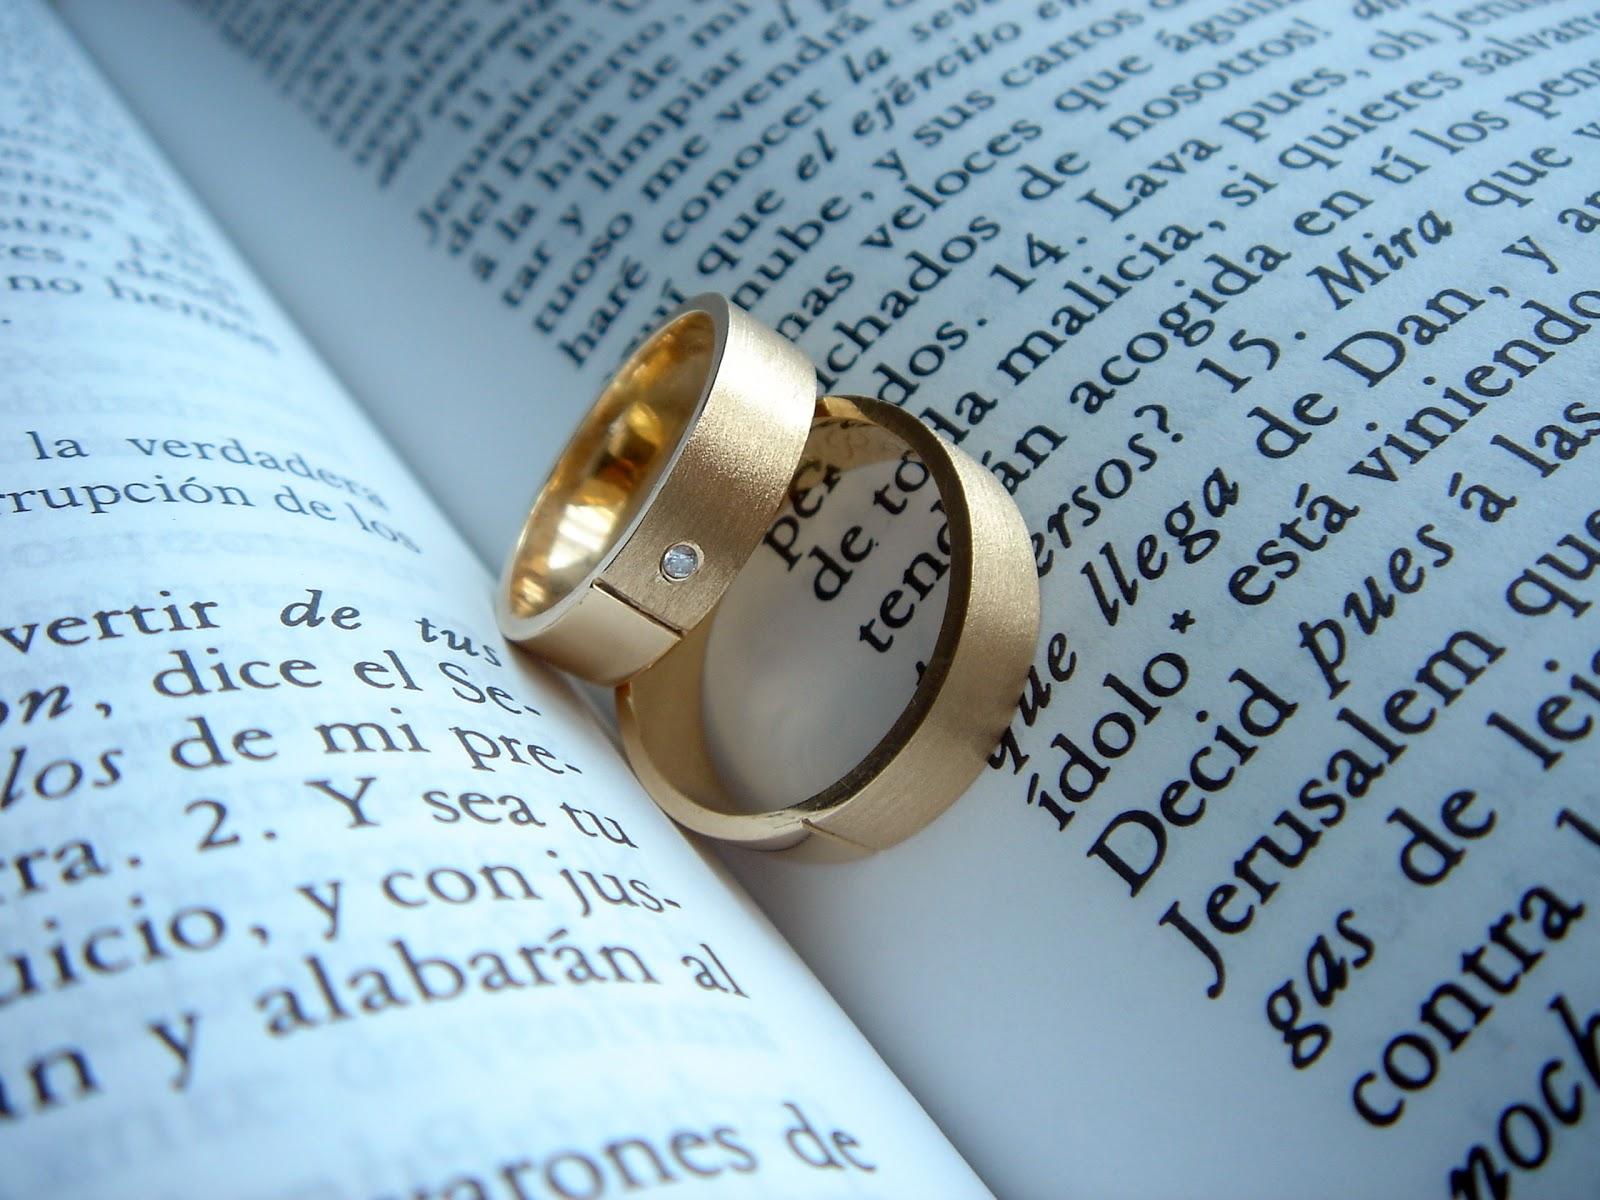 Armony música para bodas: Frases bíblicas para invitaciones de bodas